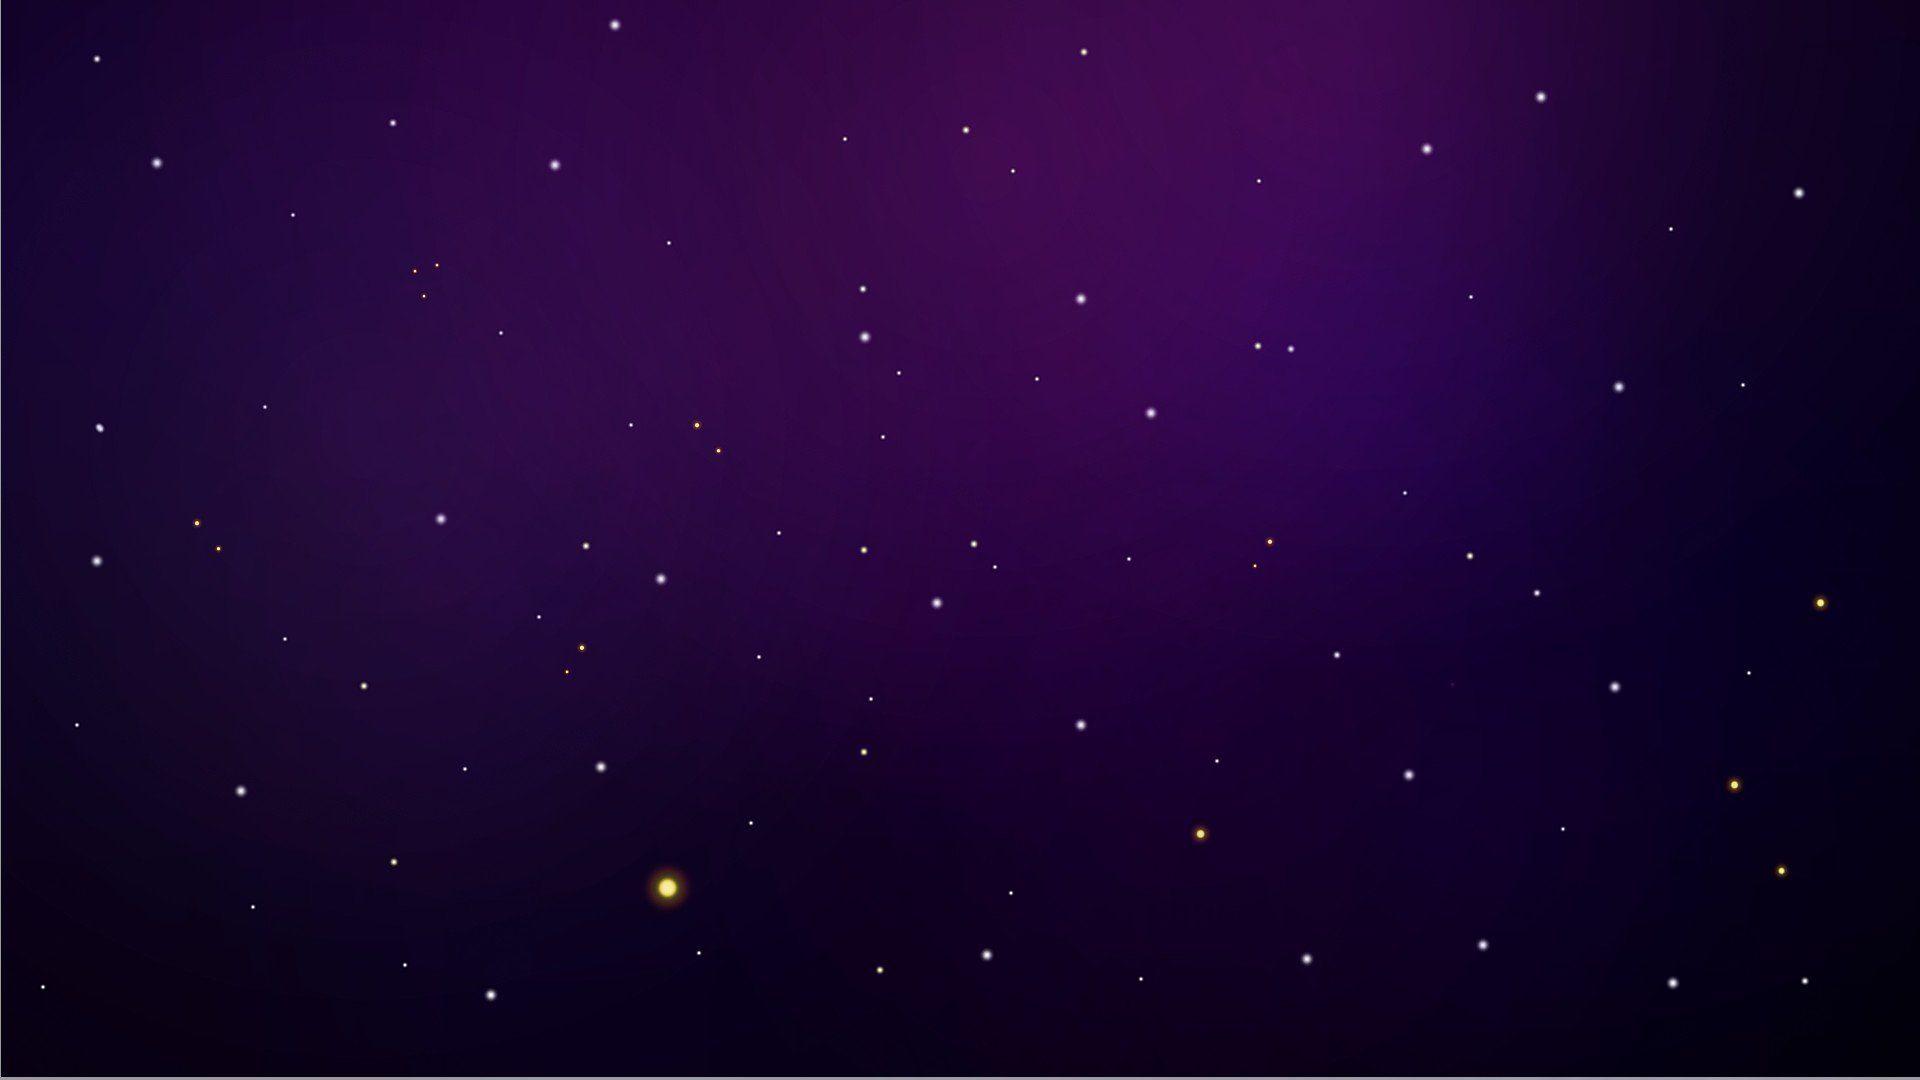 Purple Space Clouds HD desktop wallpaper Widescreen High